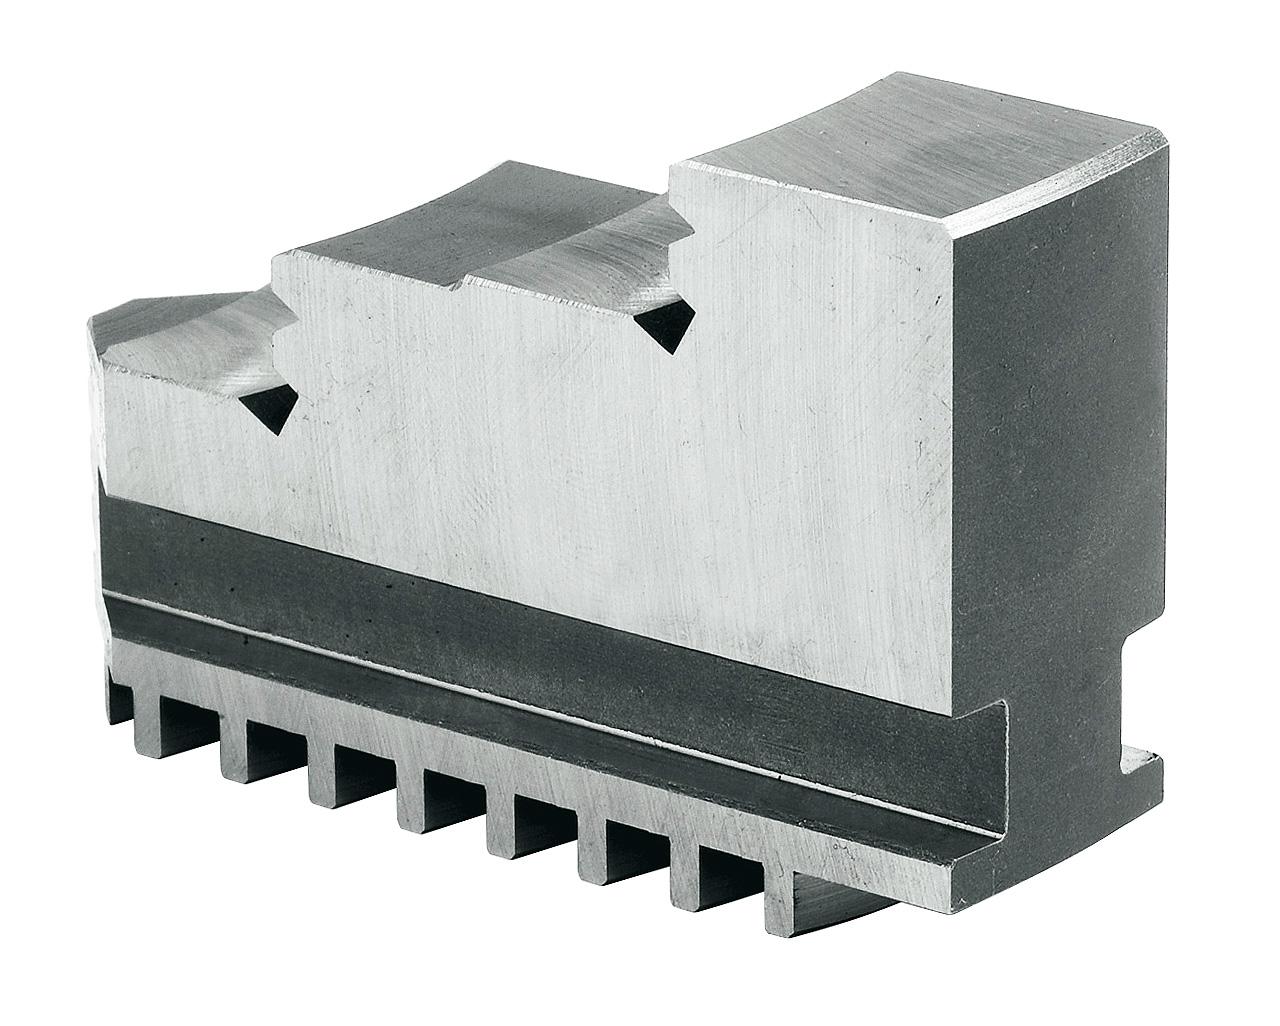 Szczęki jednolite twarde wewnętrzne - komplet IJ-PS4-250 BERNARDO